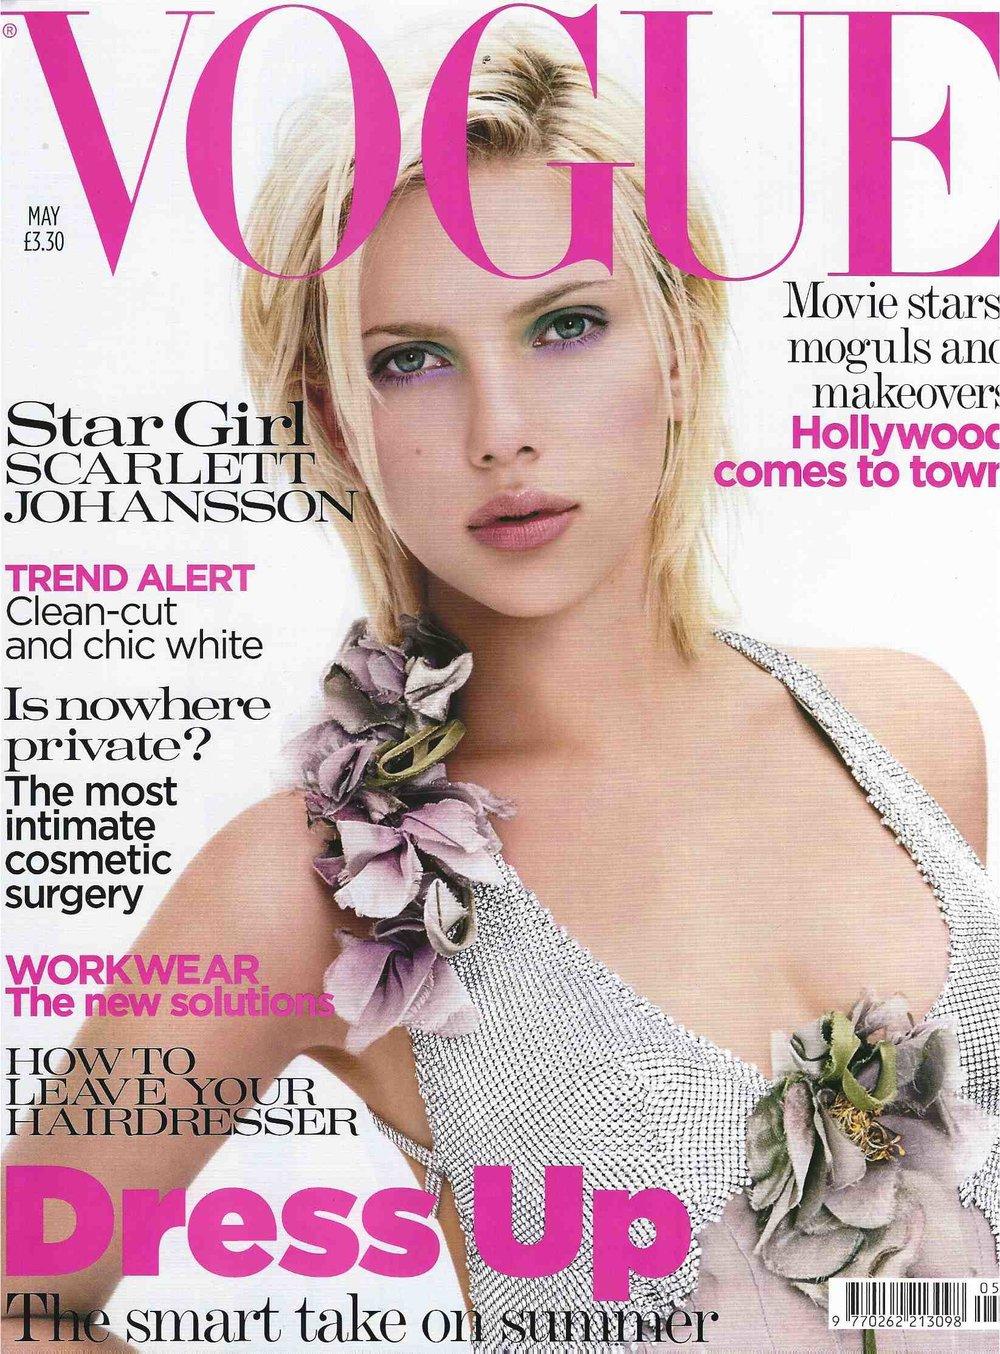 Corinne Day - British Vogue Cover - Scarlett Johansson.jpg